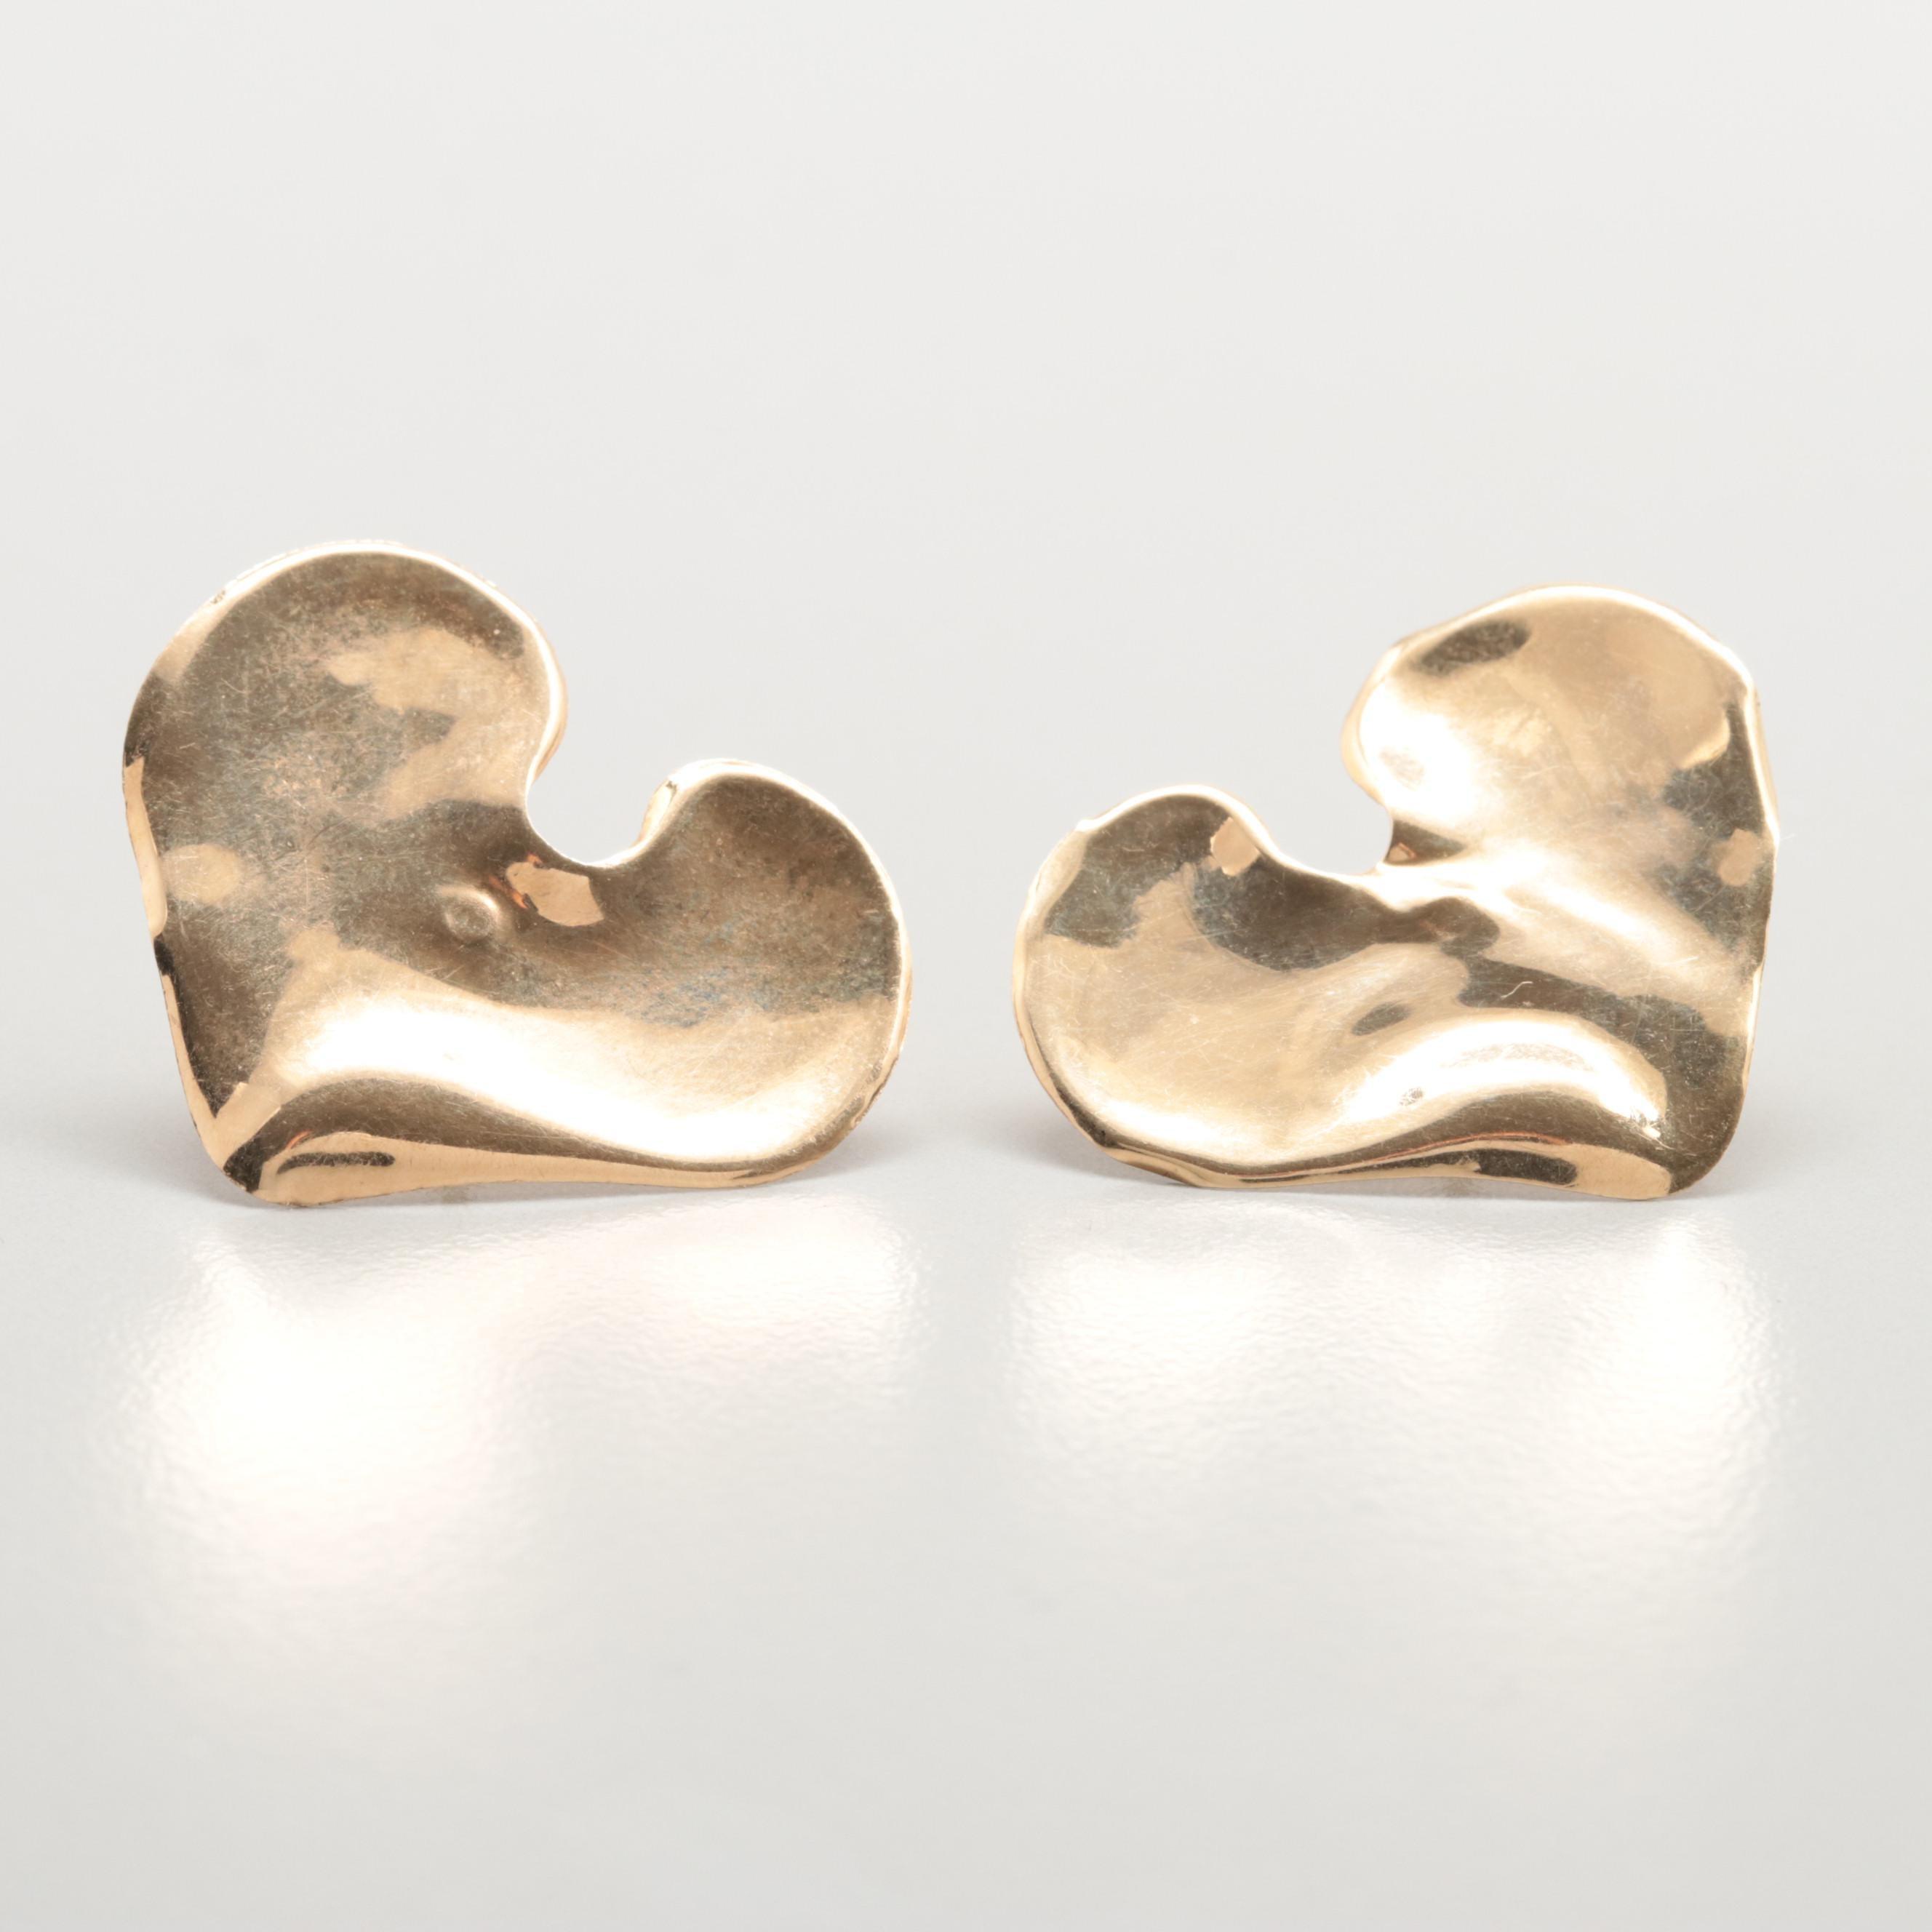 14K Yellow Gold Free Form Heart Earrings